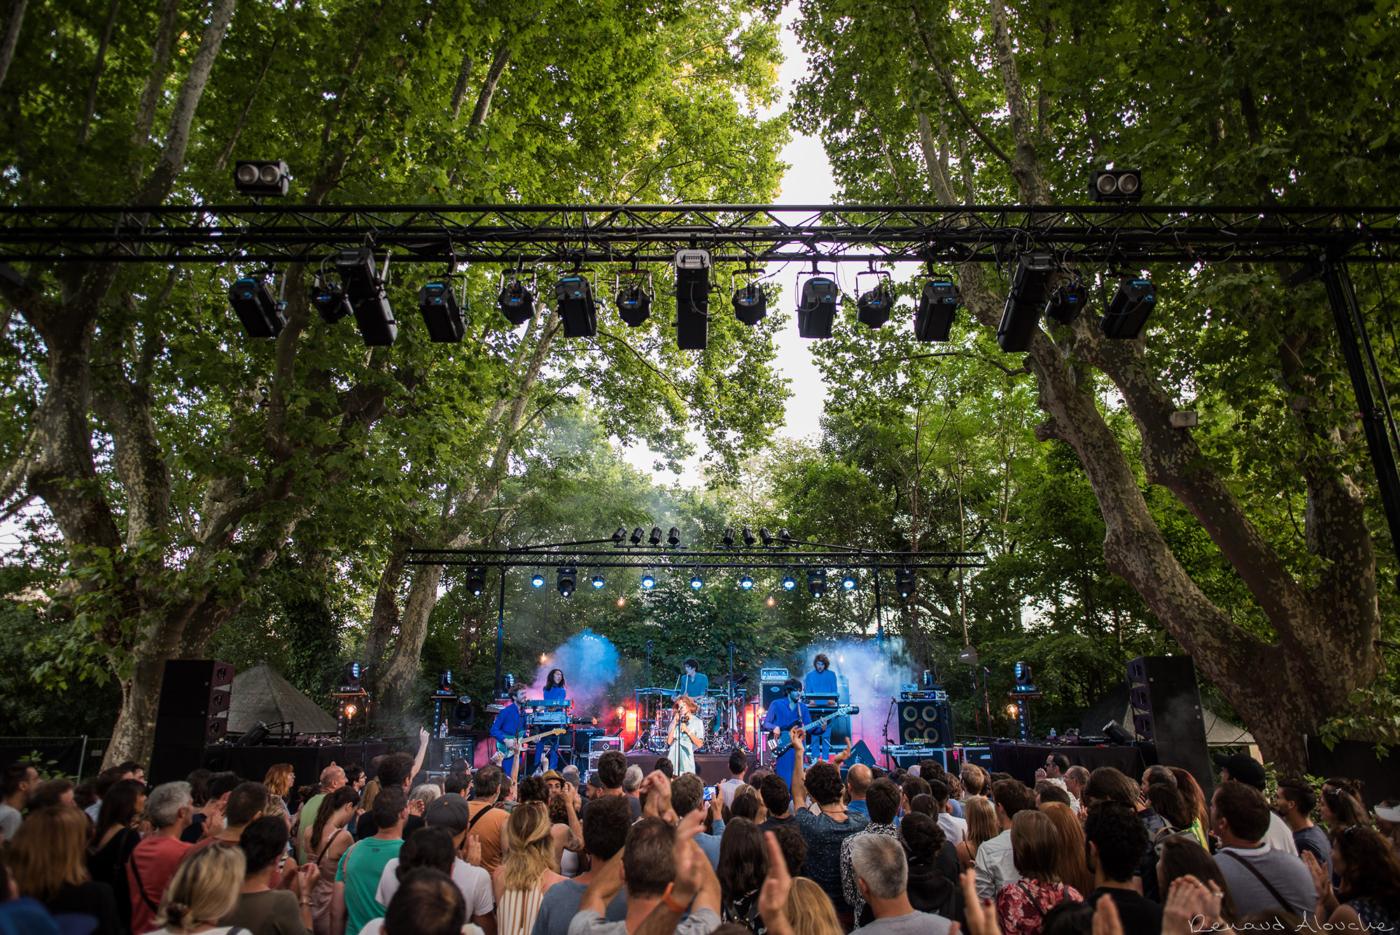 , IAM, Hoshi et Gaël Faye à l'affiche du festival Jardin Sonore à Vitrolles cet été, Made in Marseille